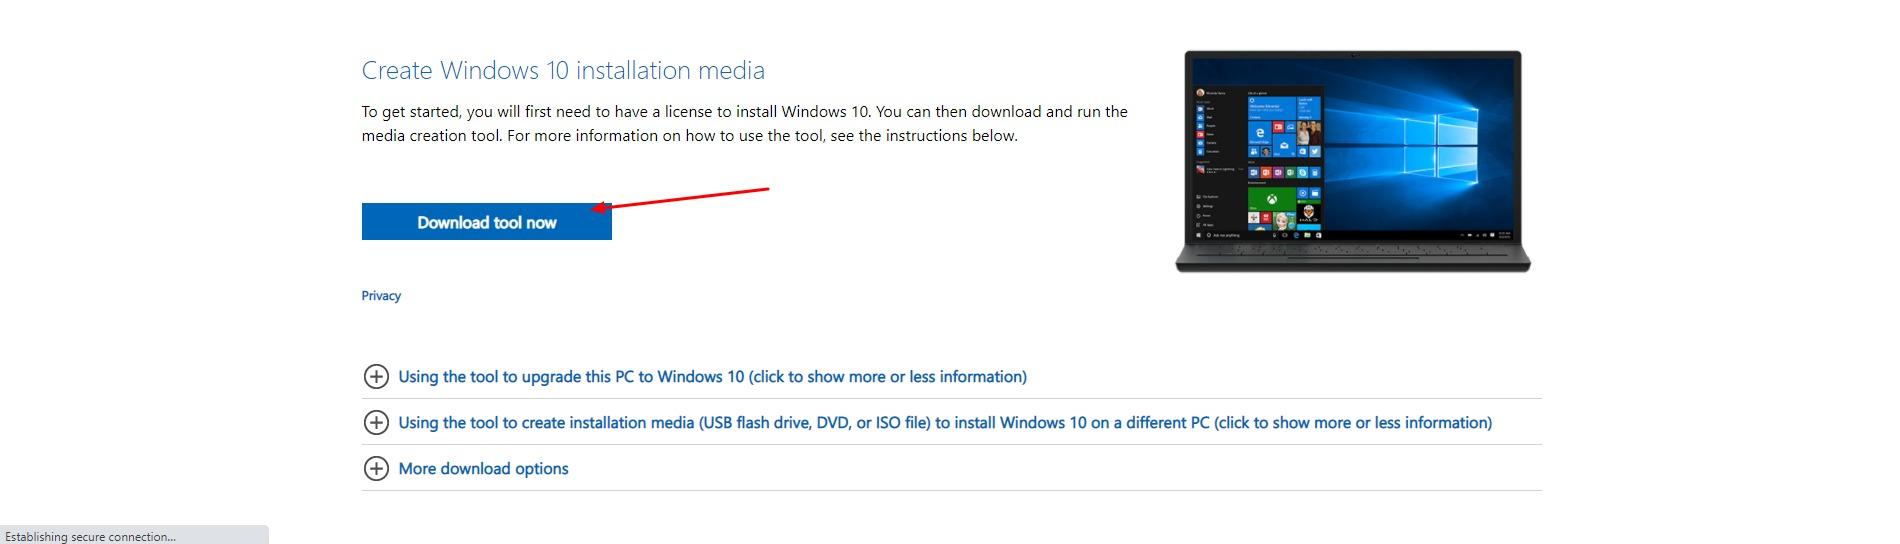 Sửa lỗi Start menu Windows 10 triệt để với 4 cách đơn giản 1